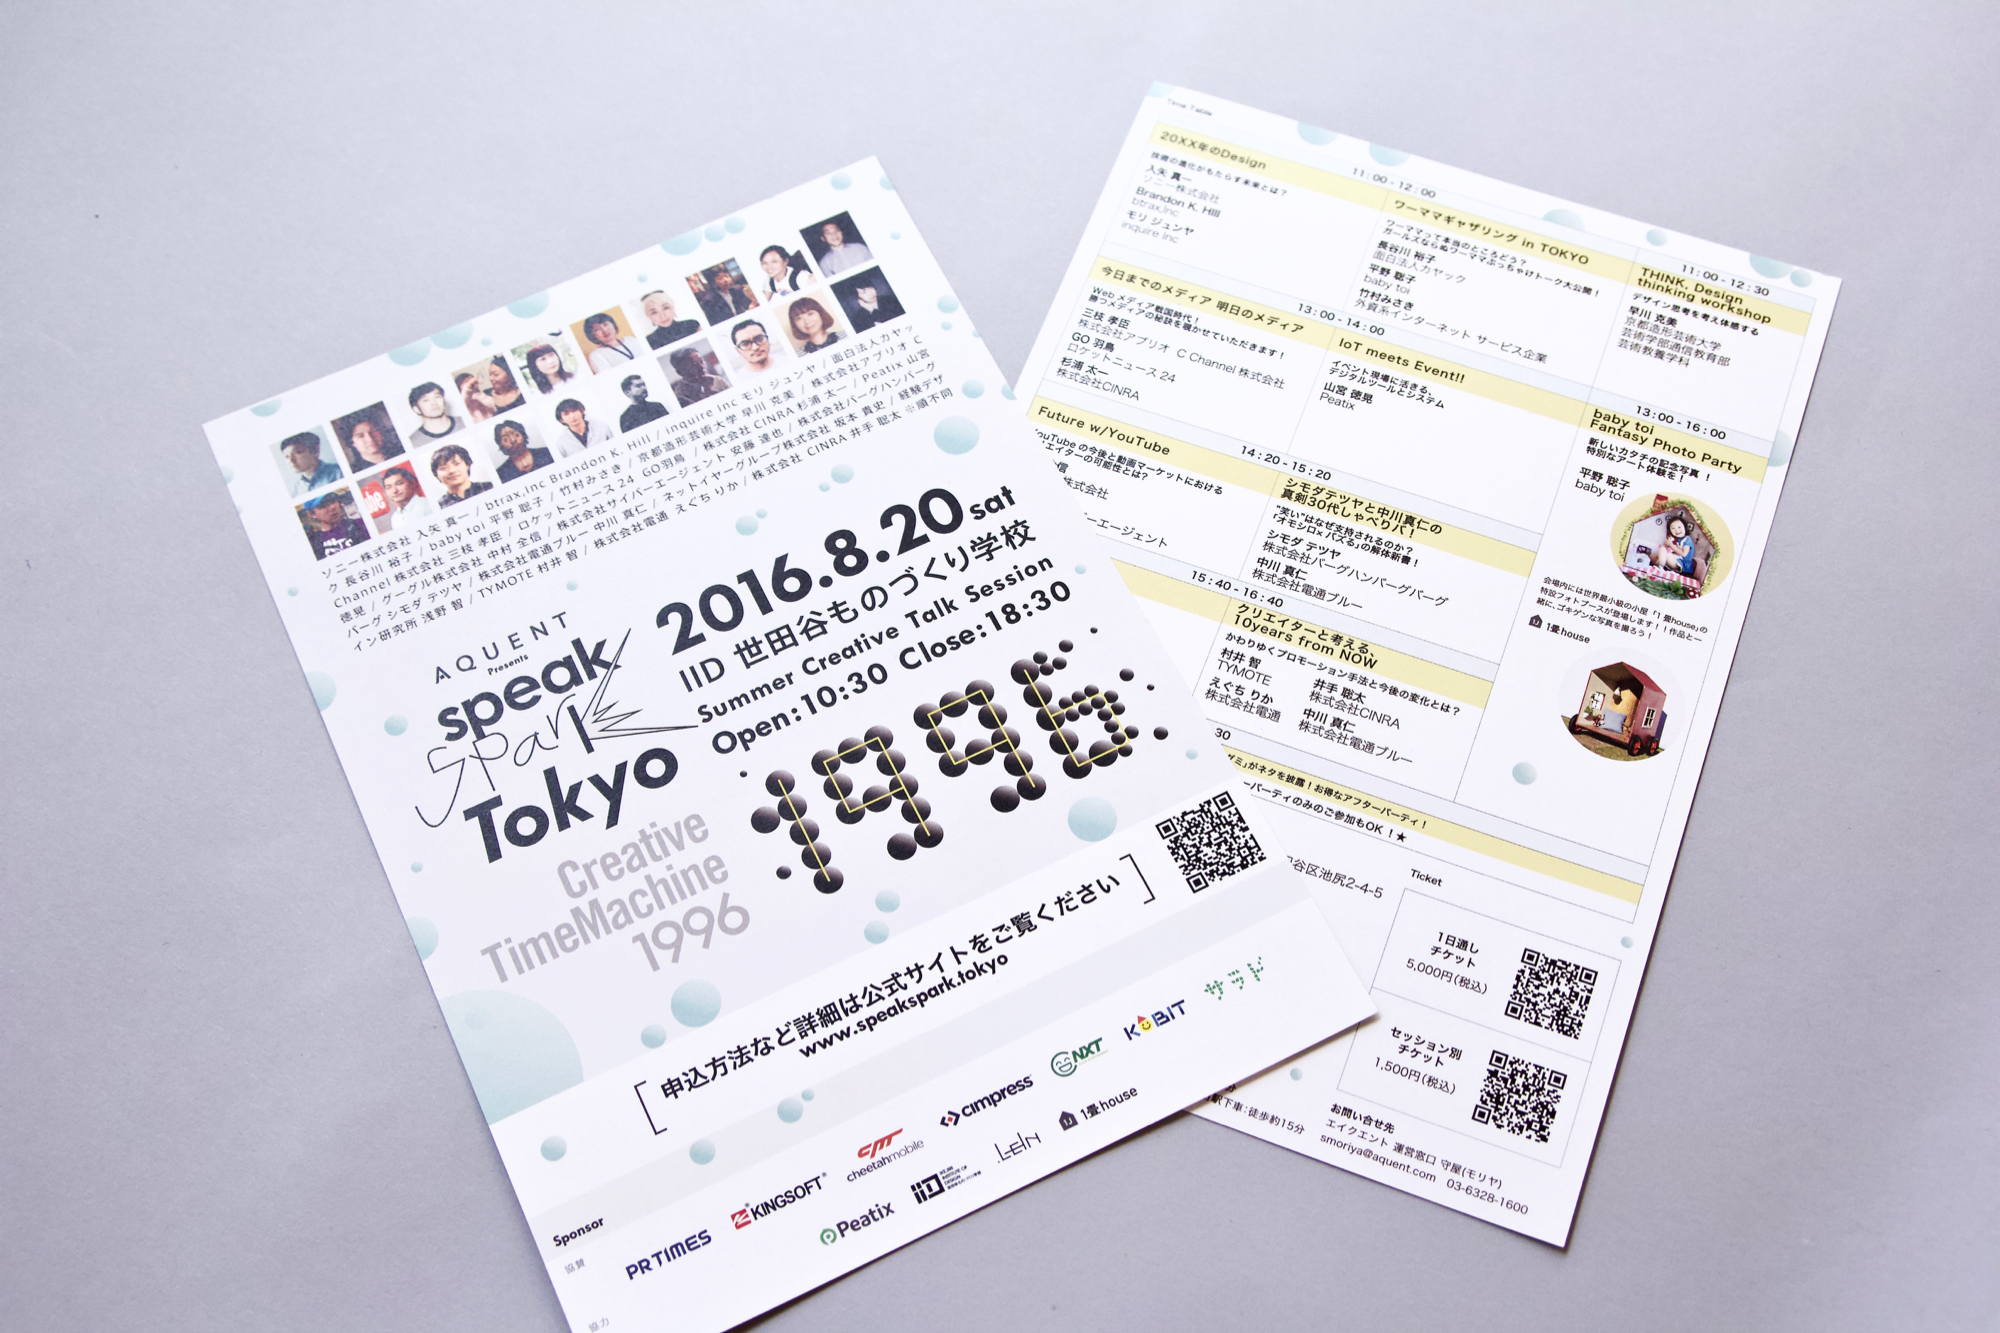 イベント告知 チラシデザイン|B5サイズ フルカラー オフセット印刷